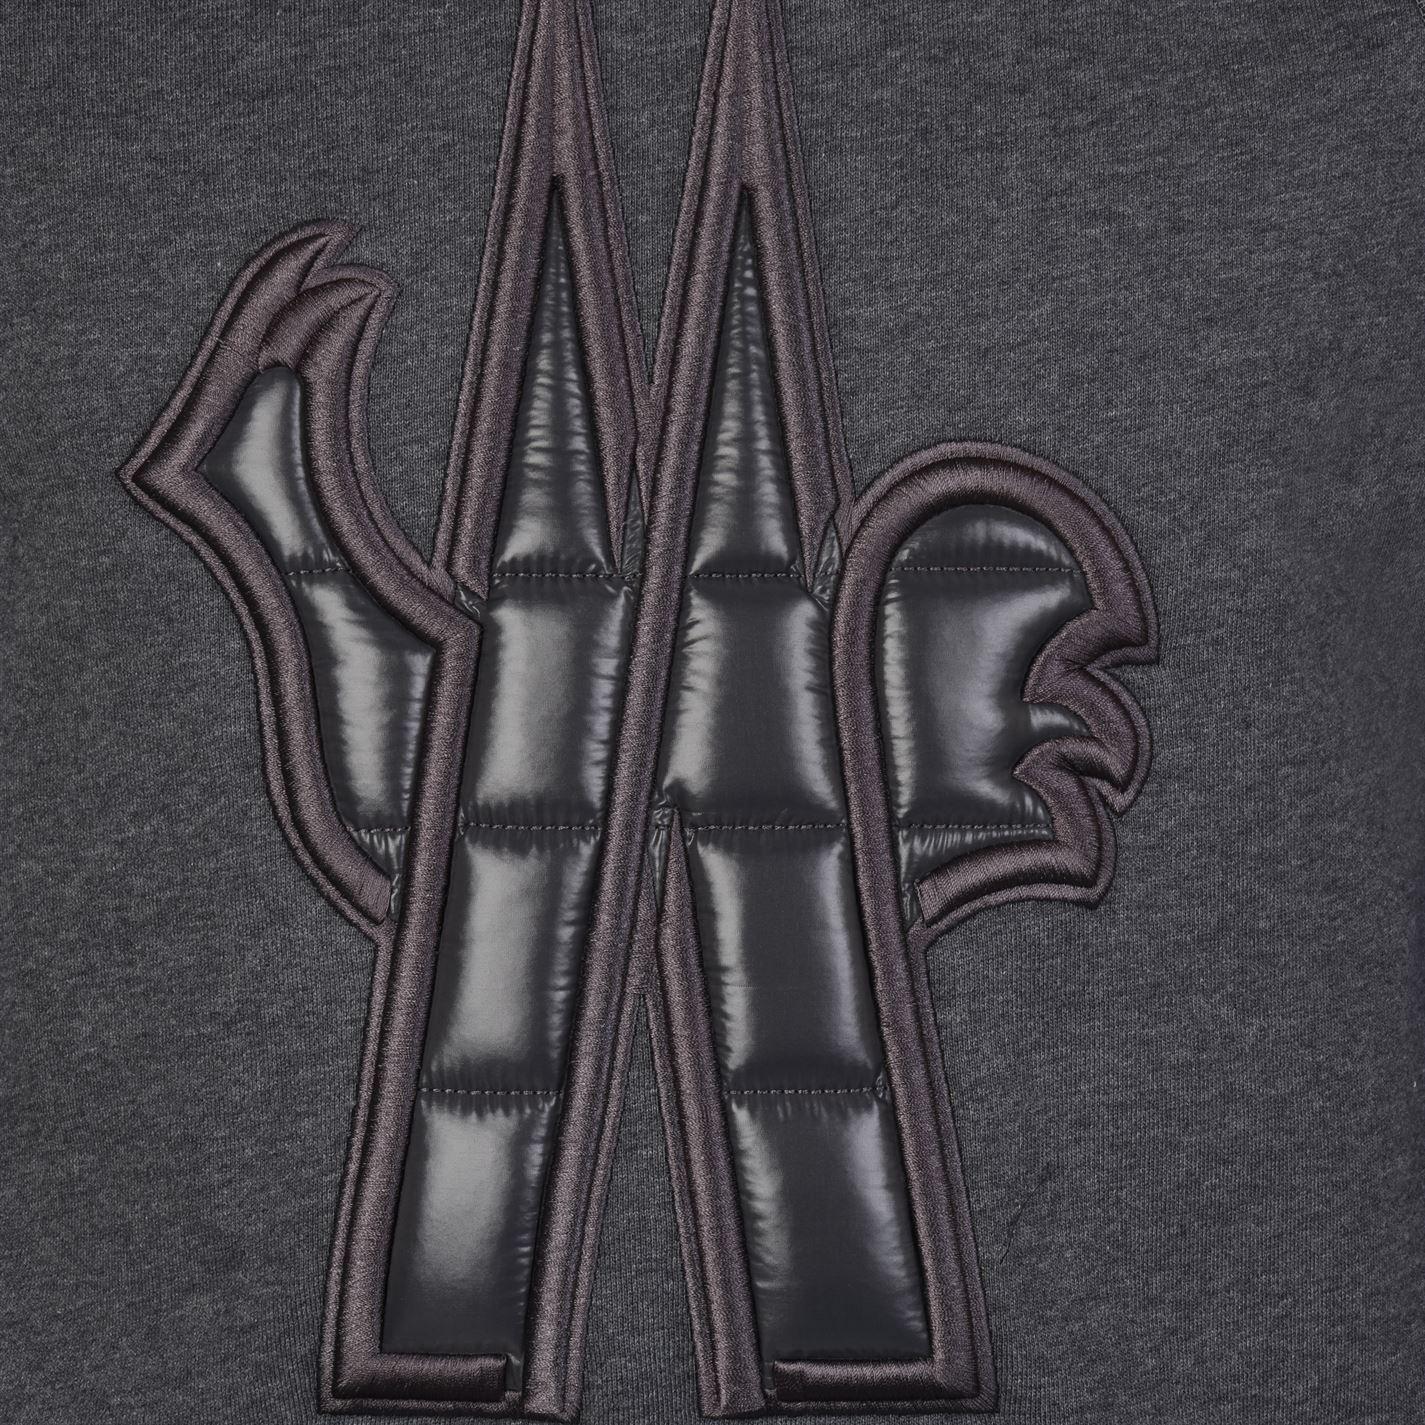 49e1ed721d69 Moncler Grenoble - Gray Crew Logo Sweatshirt for Men - Lyst. View fullscreen